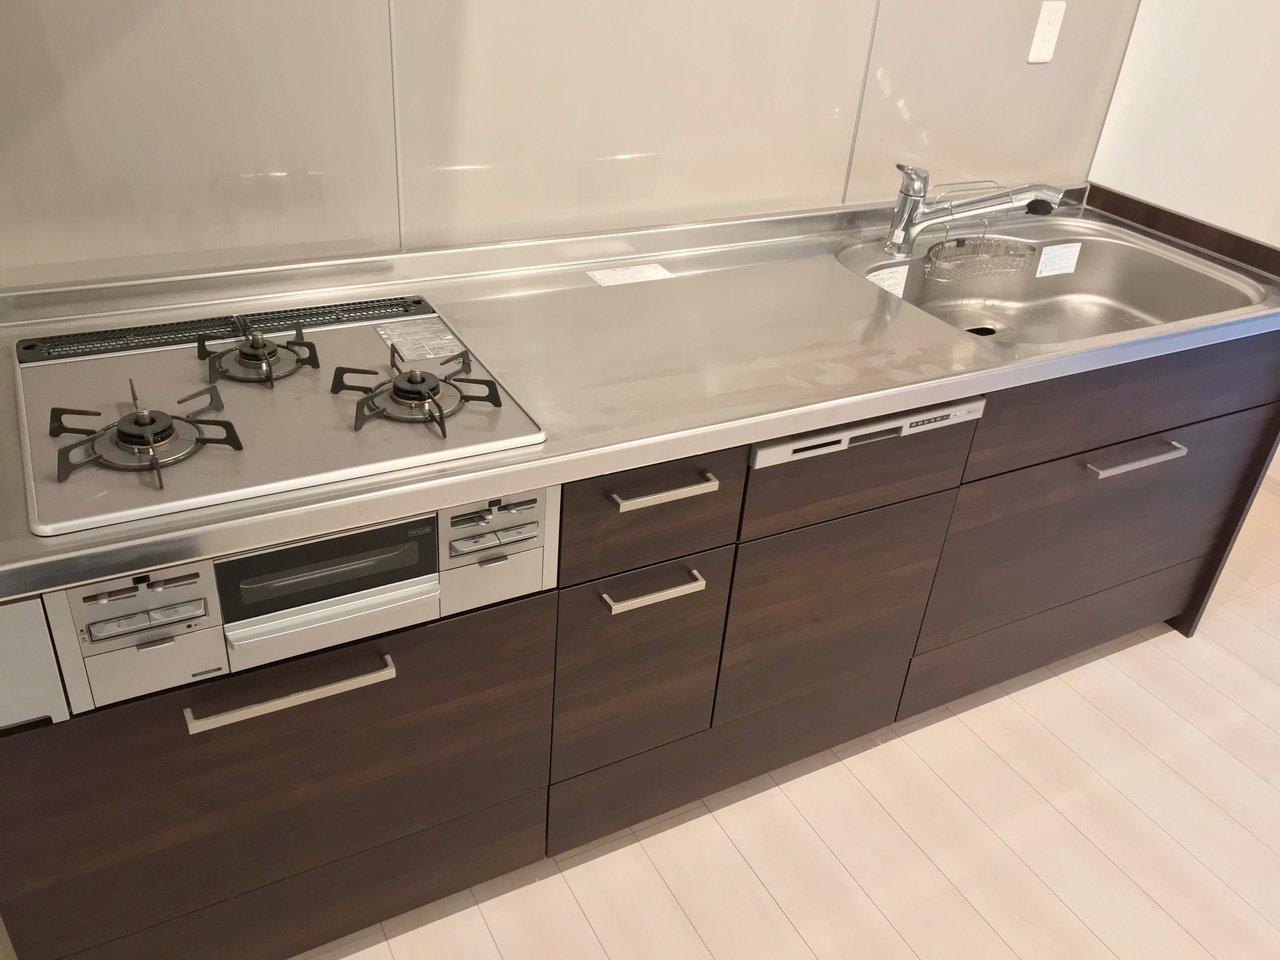 キッチンやお風呂なども、ゆったりめの新しいものに変えられています。